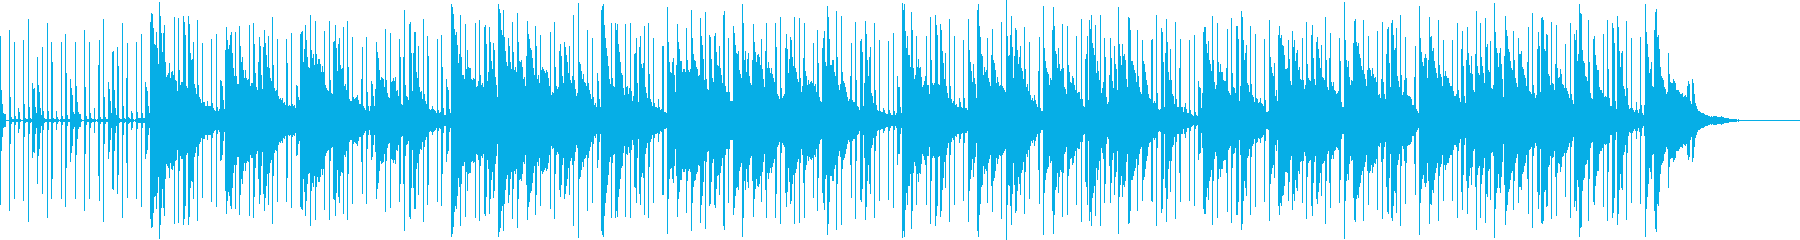 メローで反射的なインストゥルメンタ...の再生済みの波形